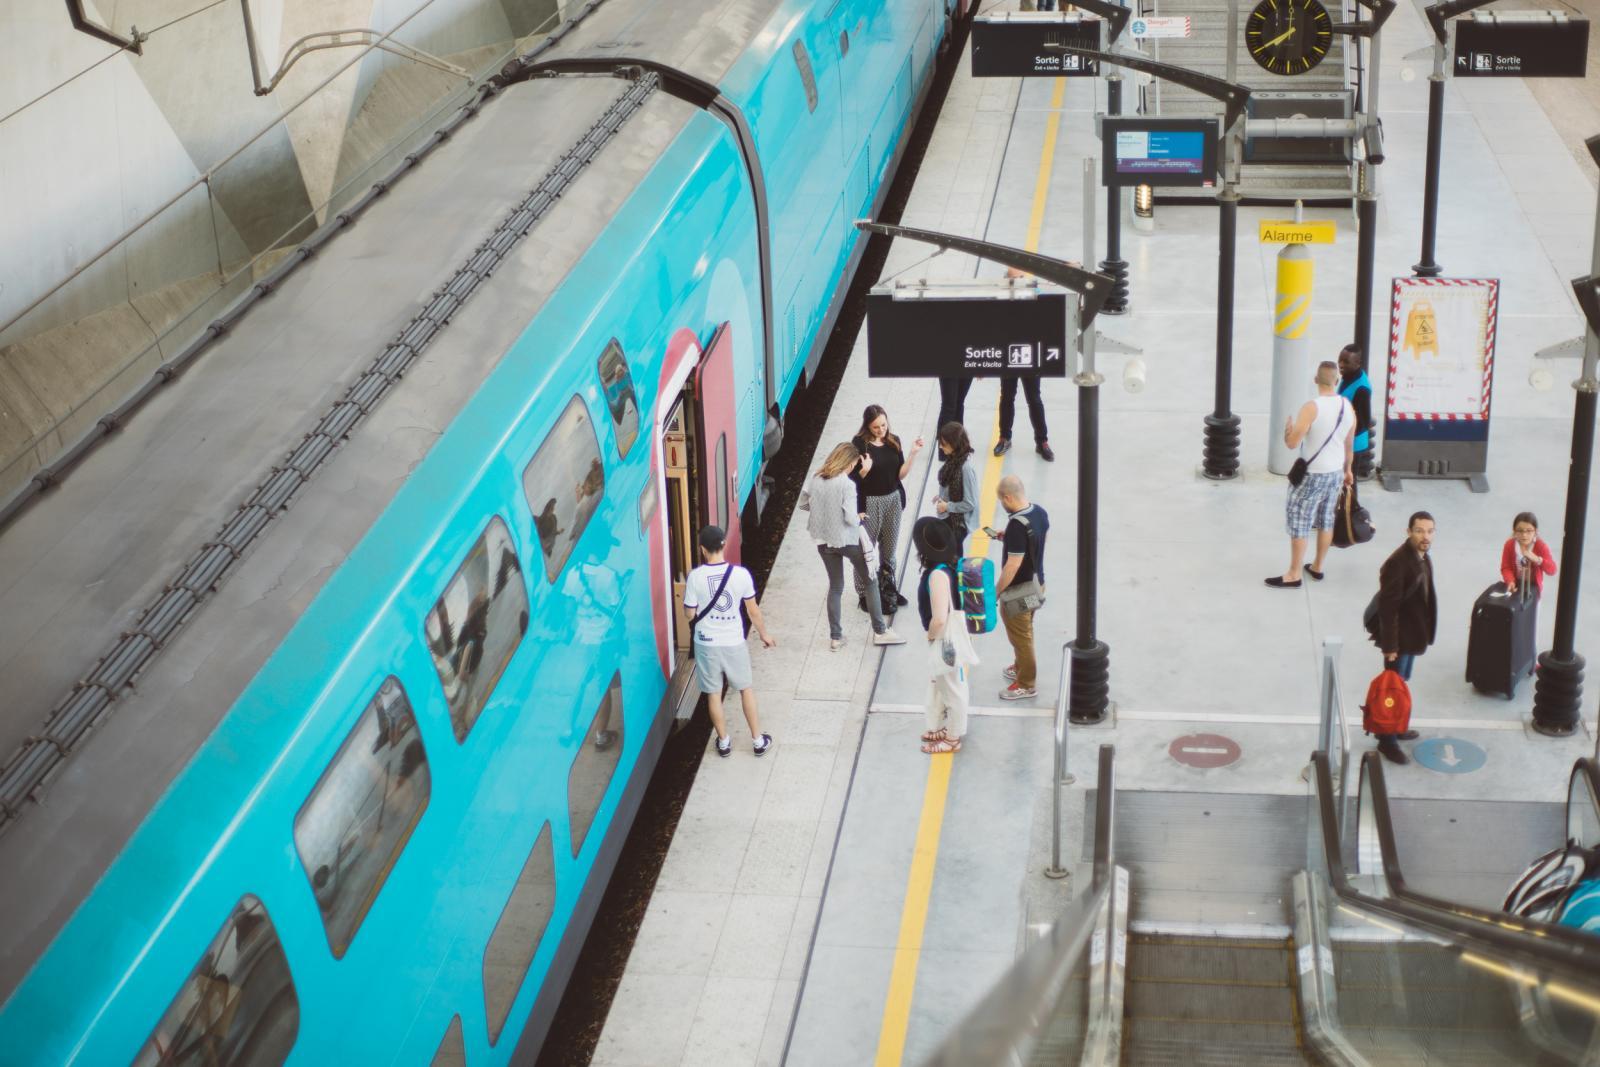 Djsupertramp en gare de Nîmes, vue sur le quai avec voyageurs